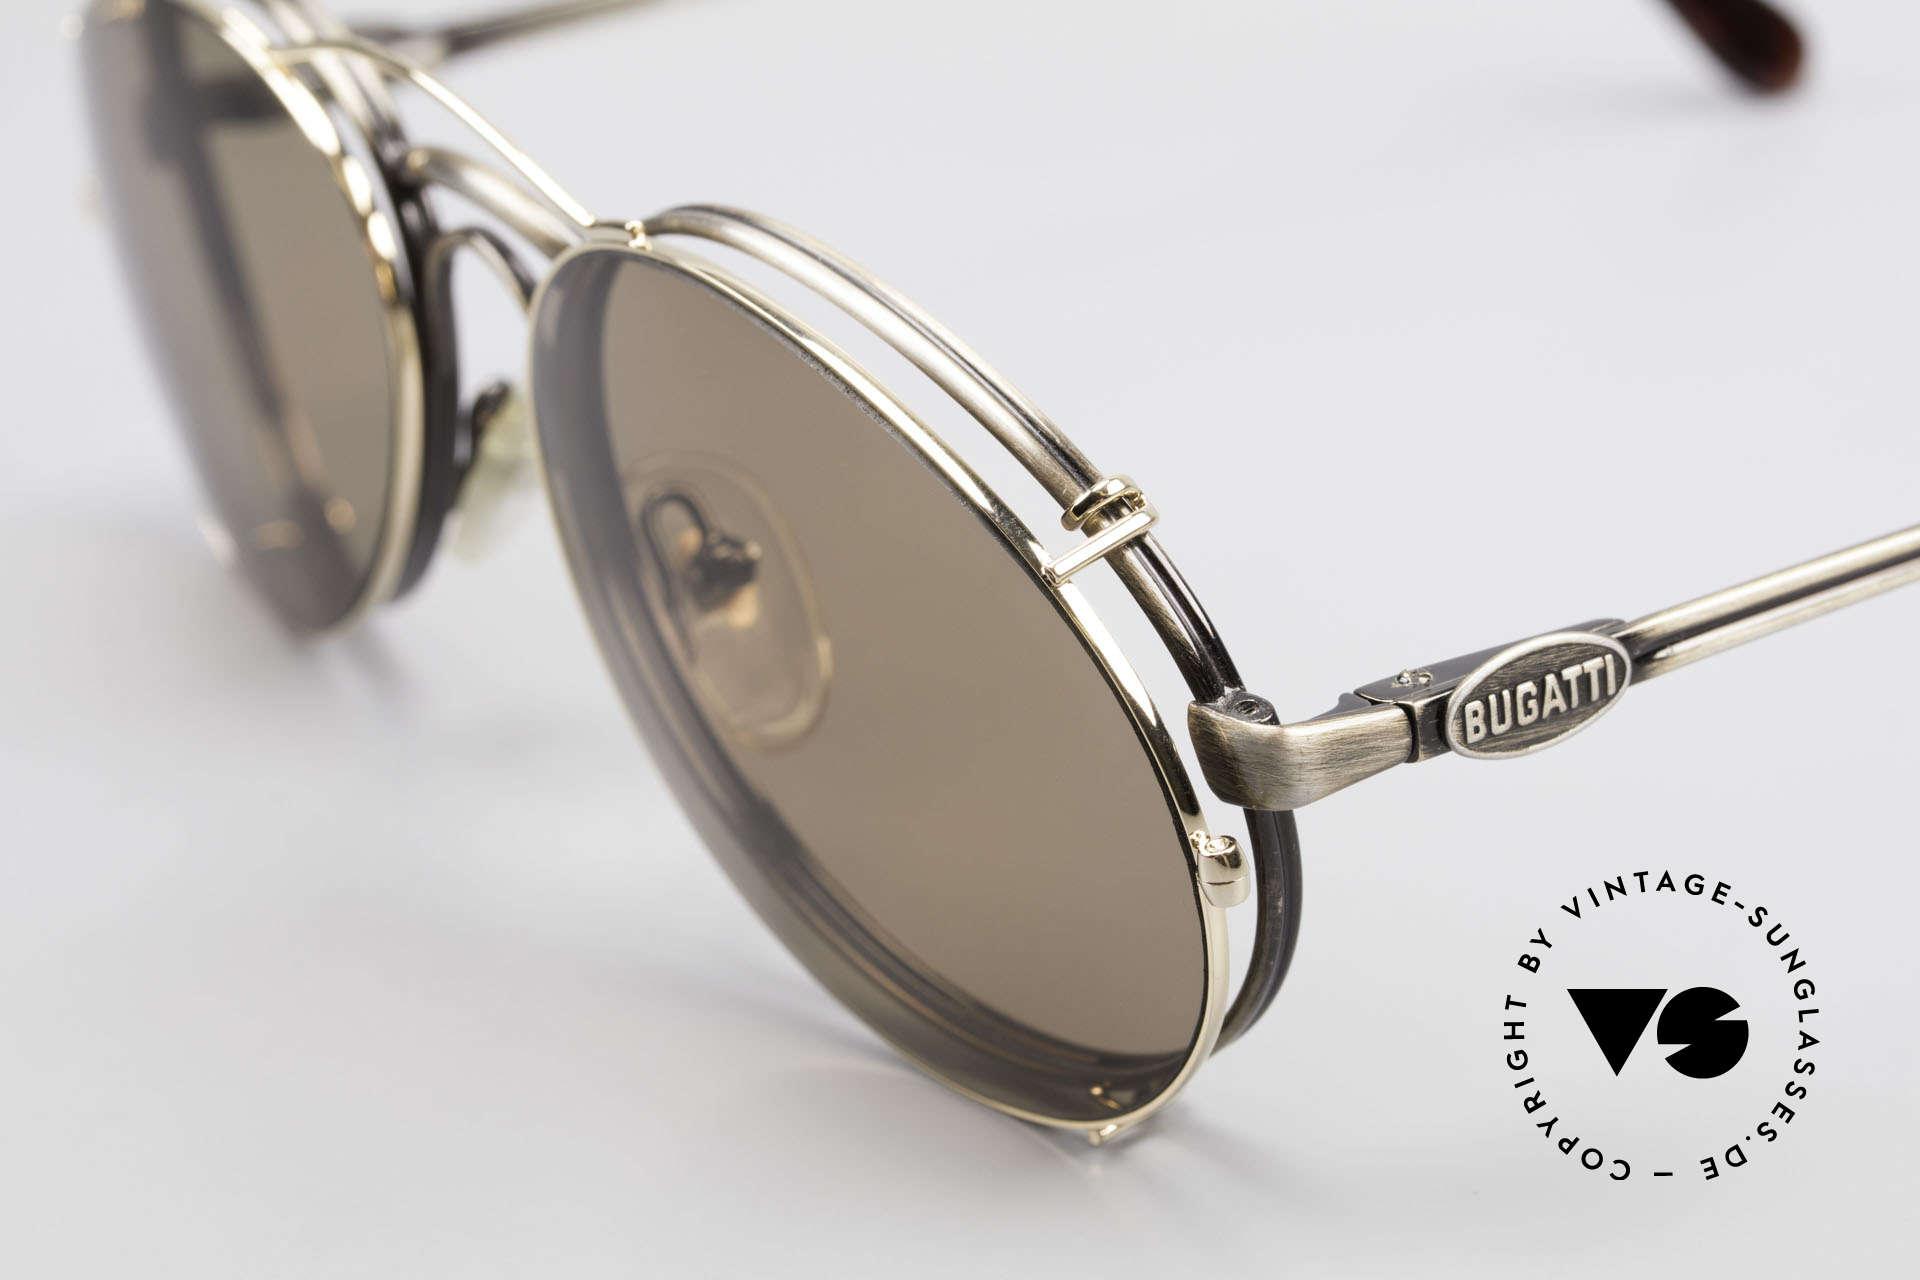 Bugatti 03323 80er Herrenbrille mit Clip On, Fassung in 'antik metall' und mit Sonnen-Clip in gold, Passend für Herren